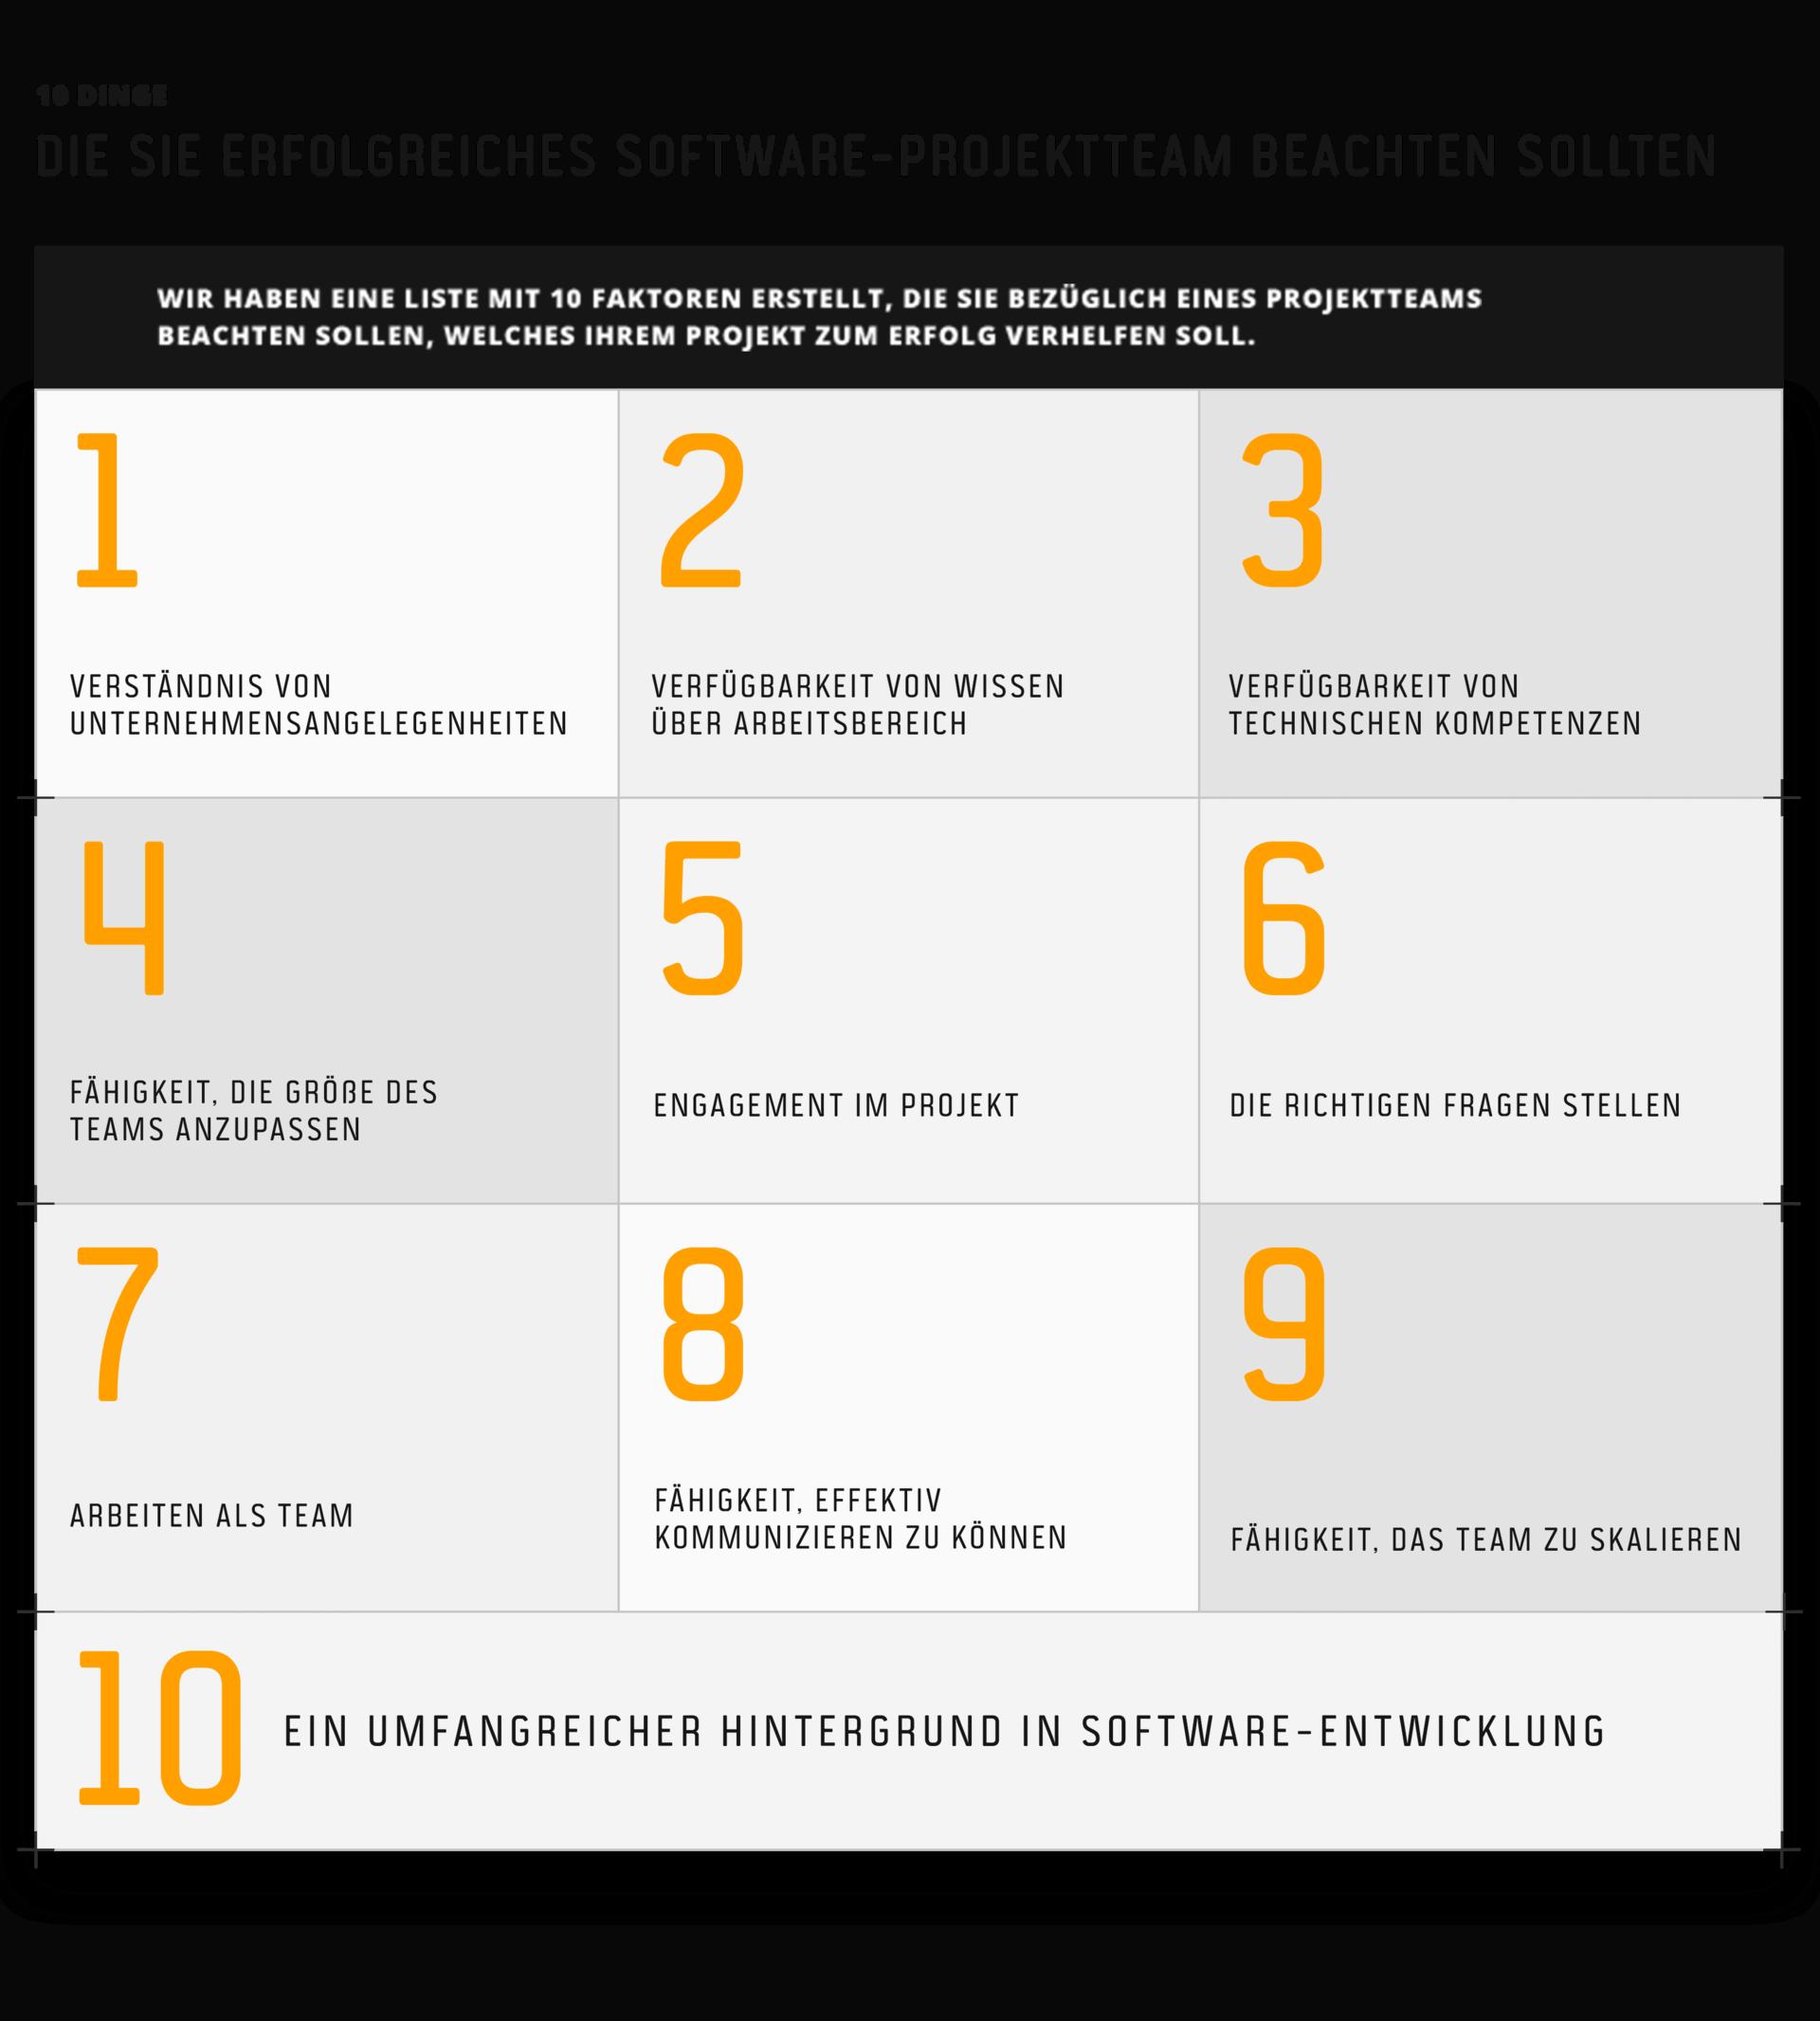 7. 10 Dinge, die für ein erfolgreiches Softwareprojektteam berücksichtigt werden sollten